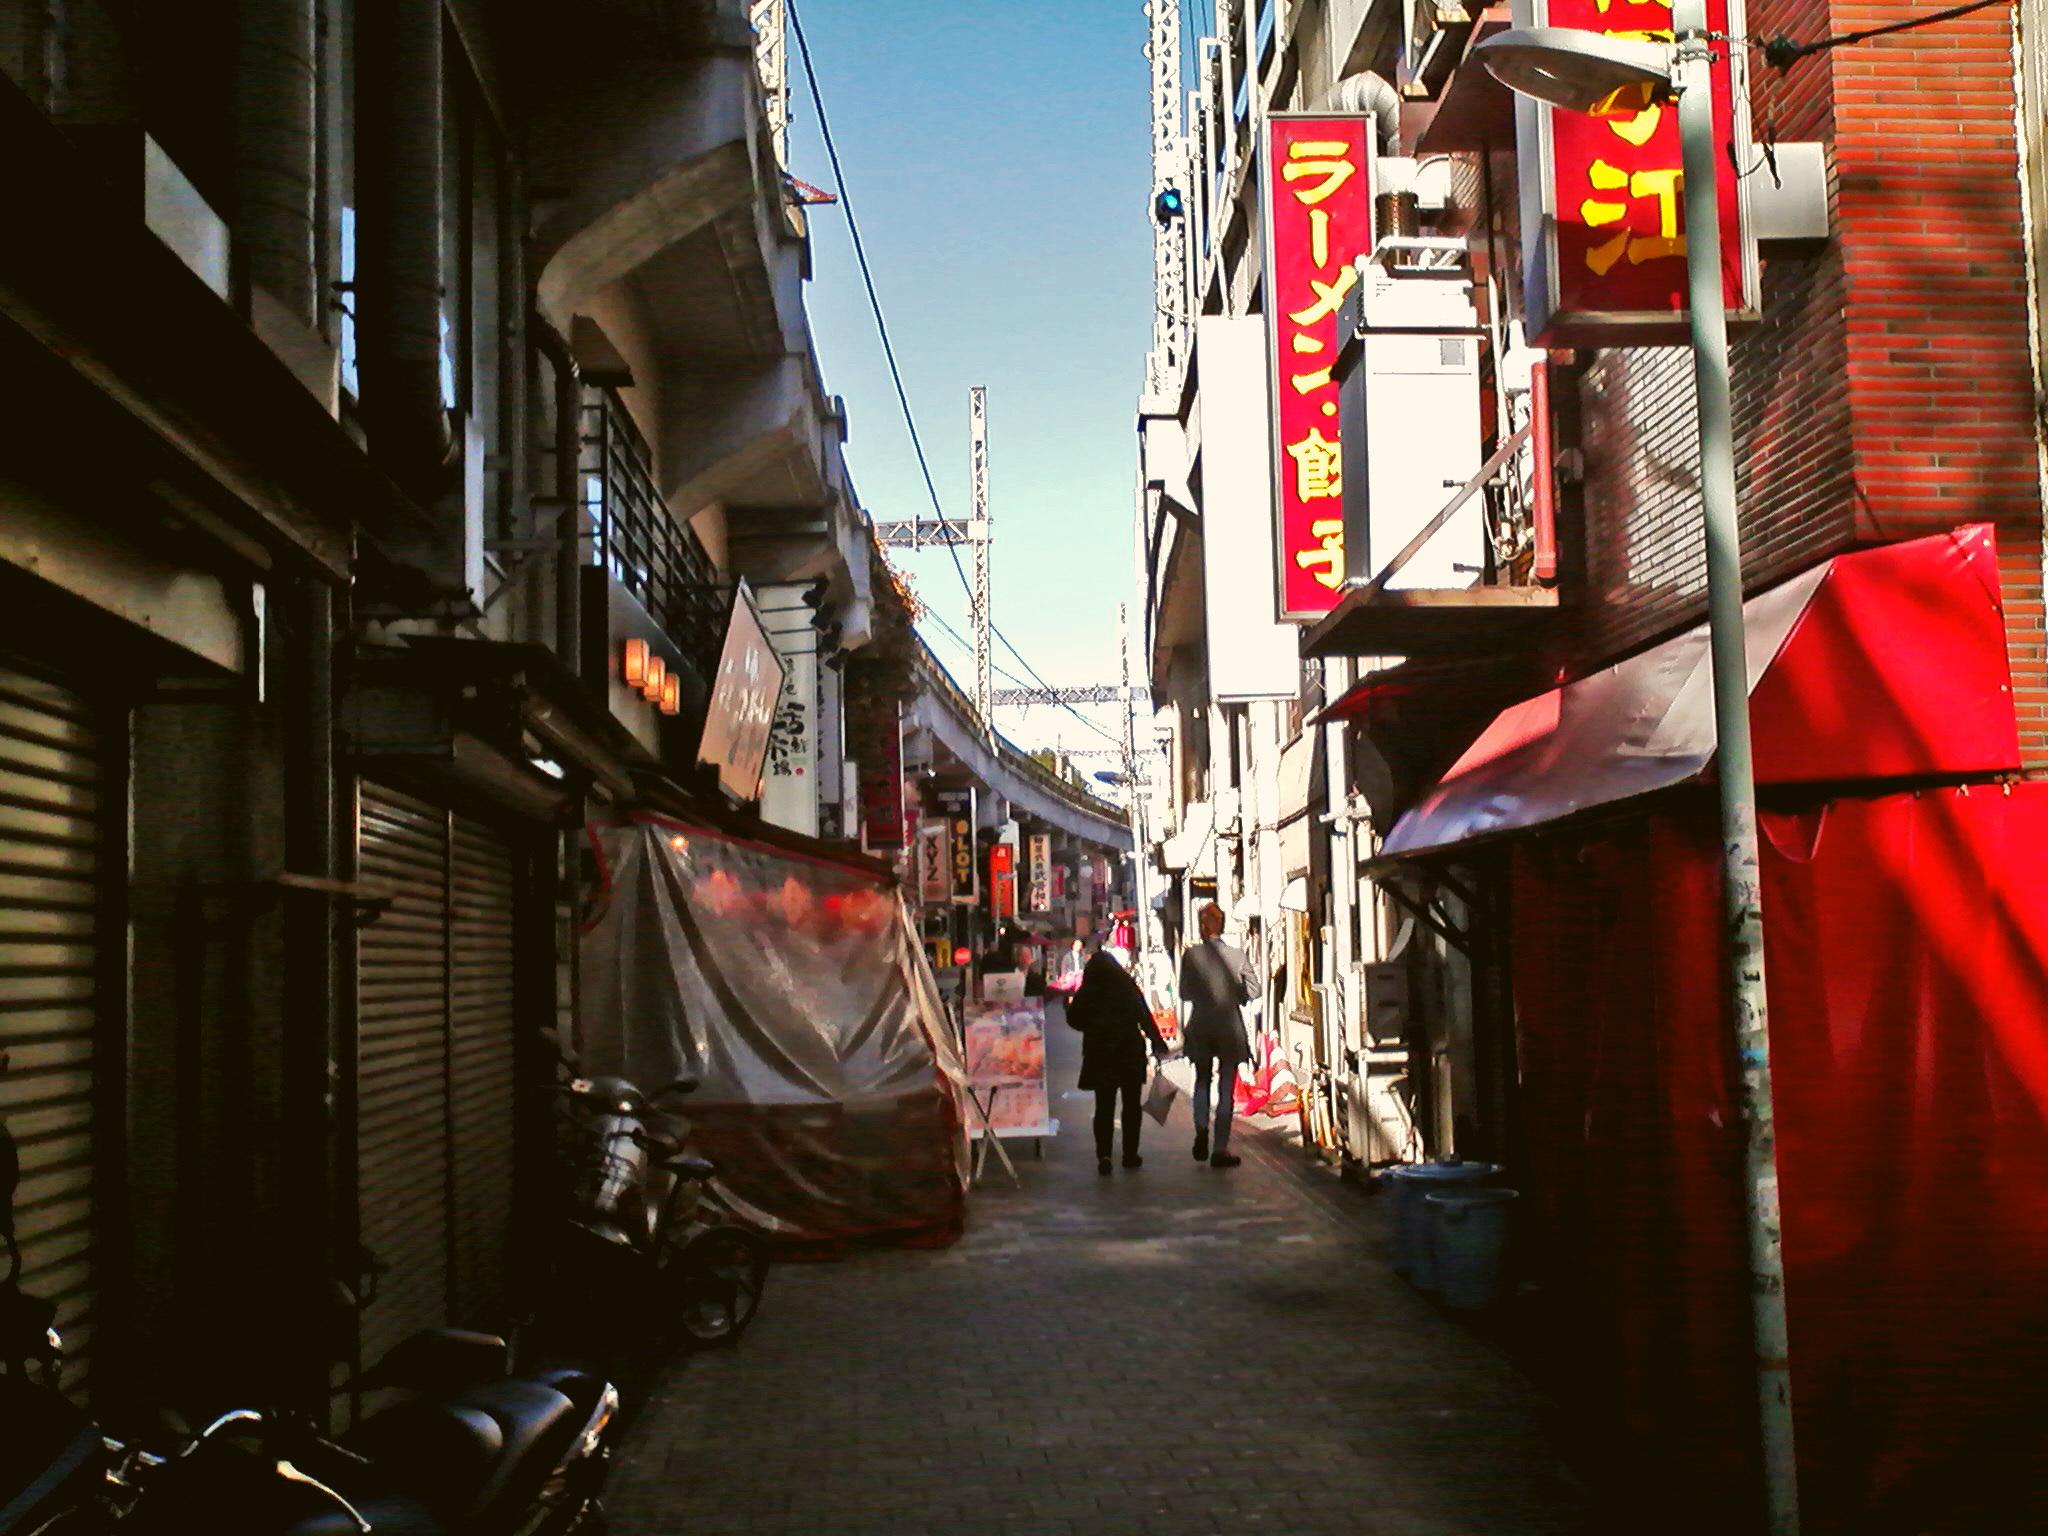 上野高架下店舗